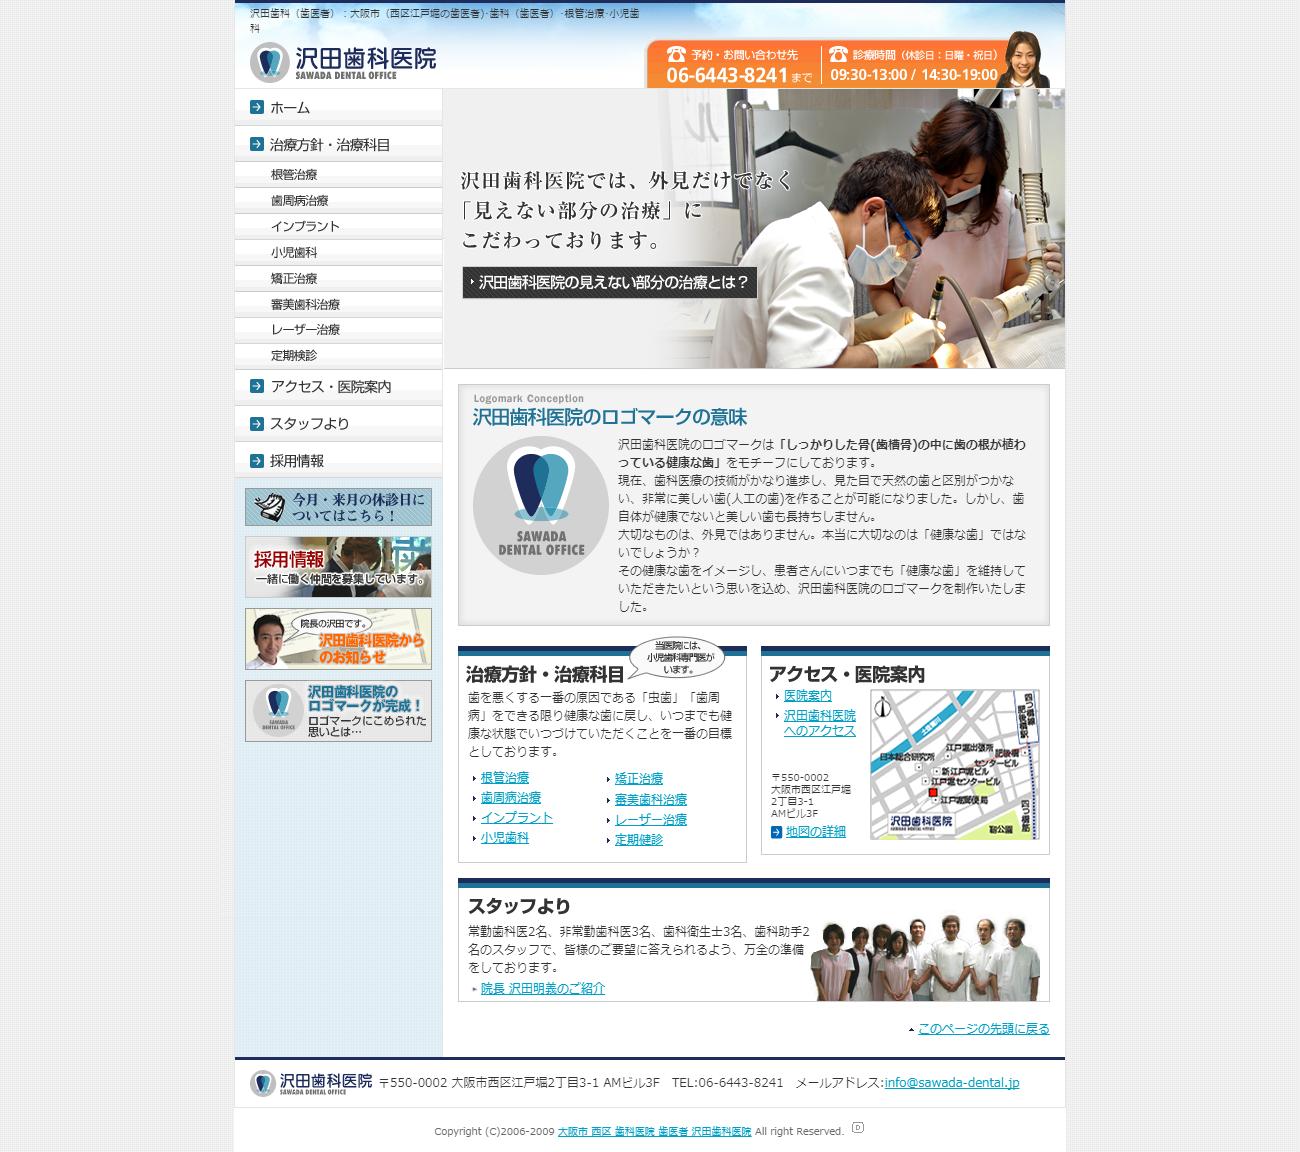 大阪市西区 沢田歯科医院様 ホームページ制作1